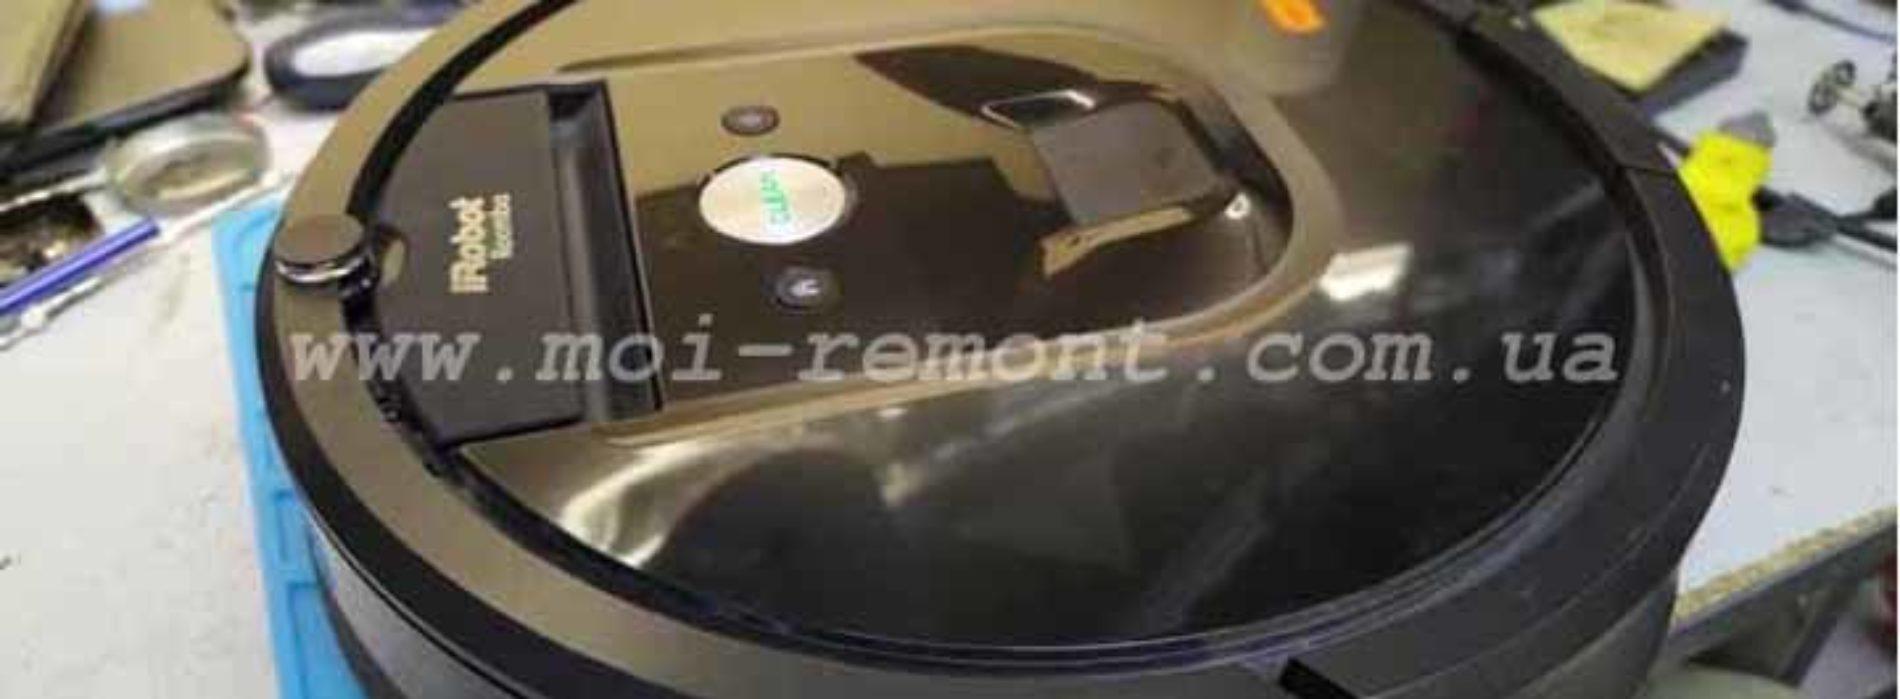 Ремонт iRobot 980 — останавливается, ошибка 02